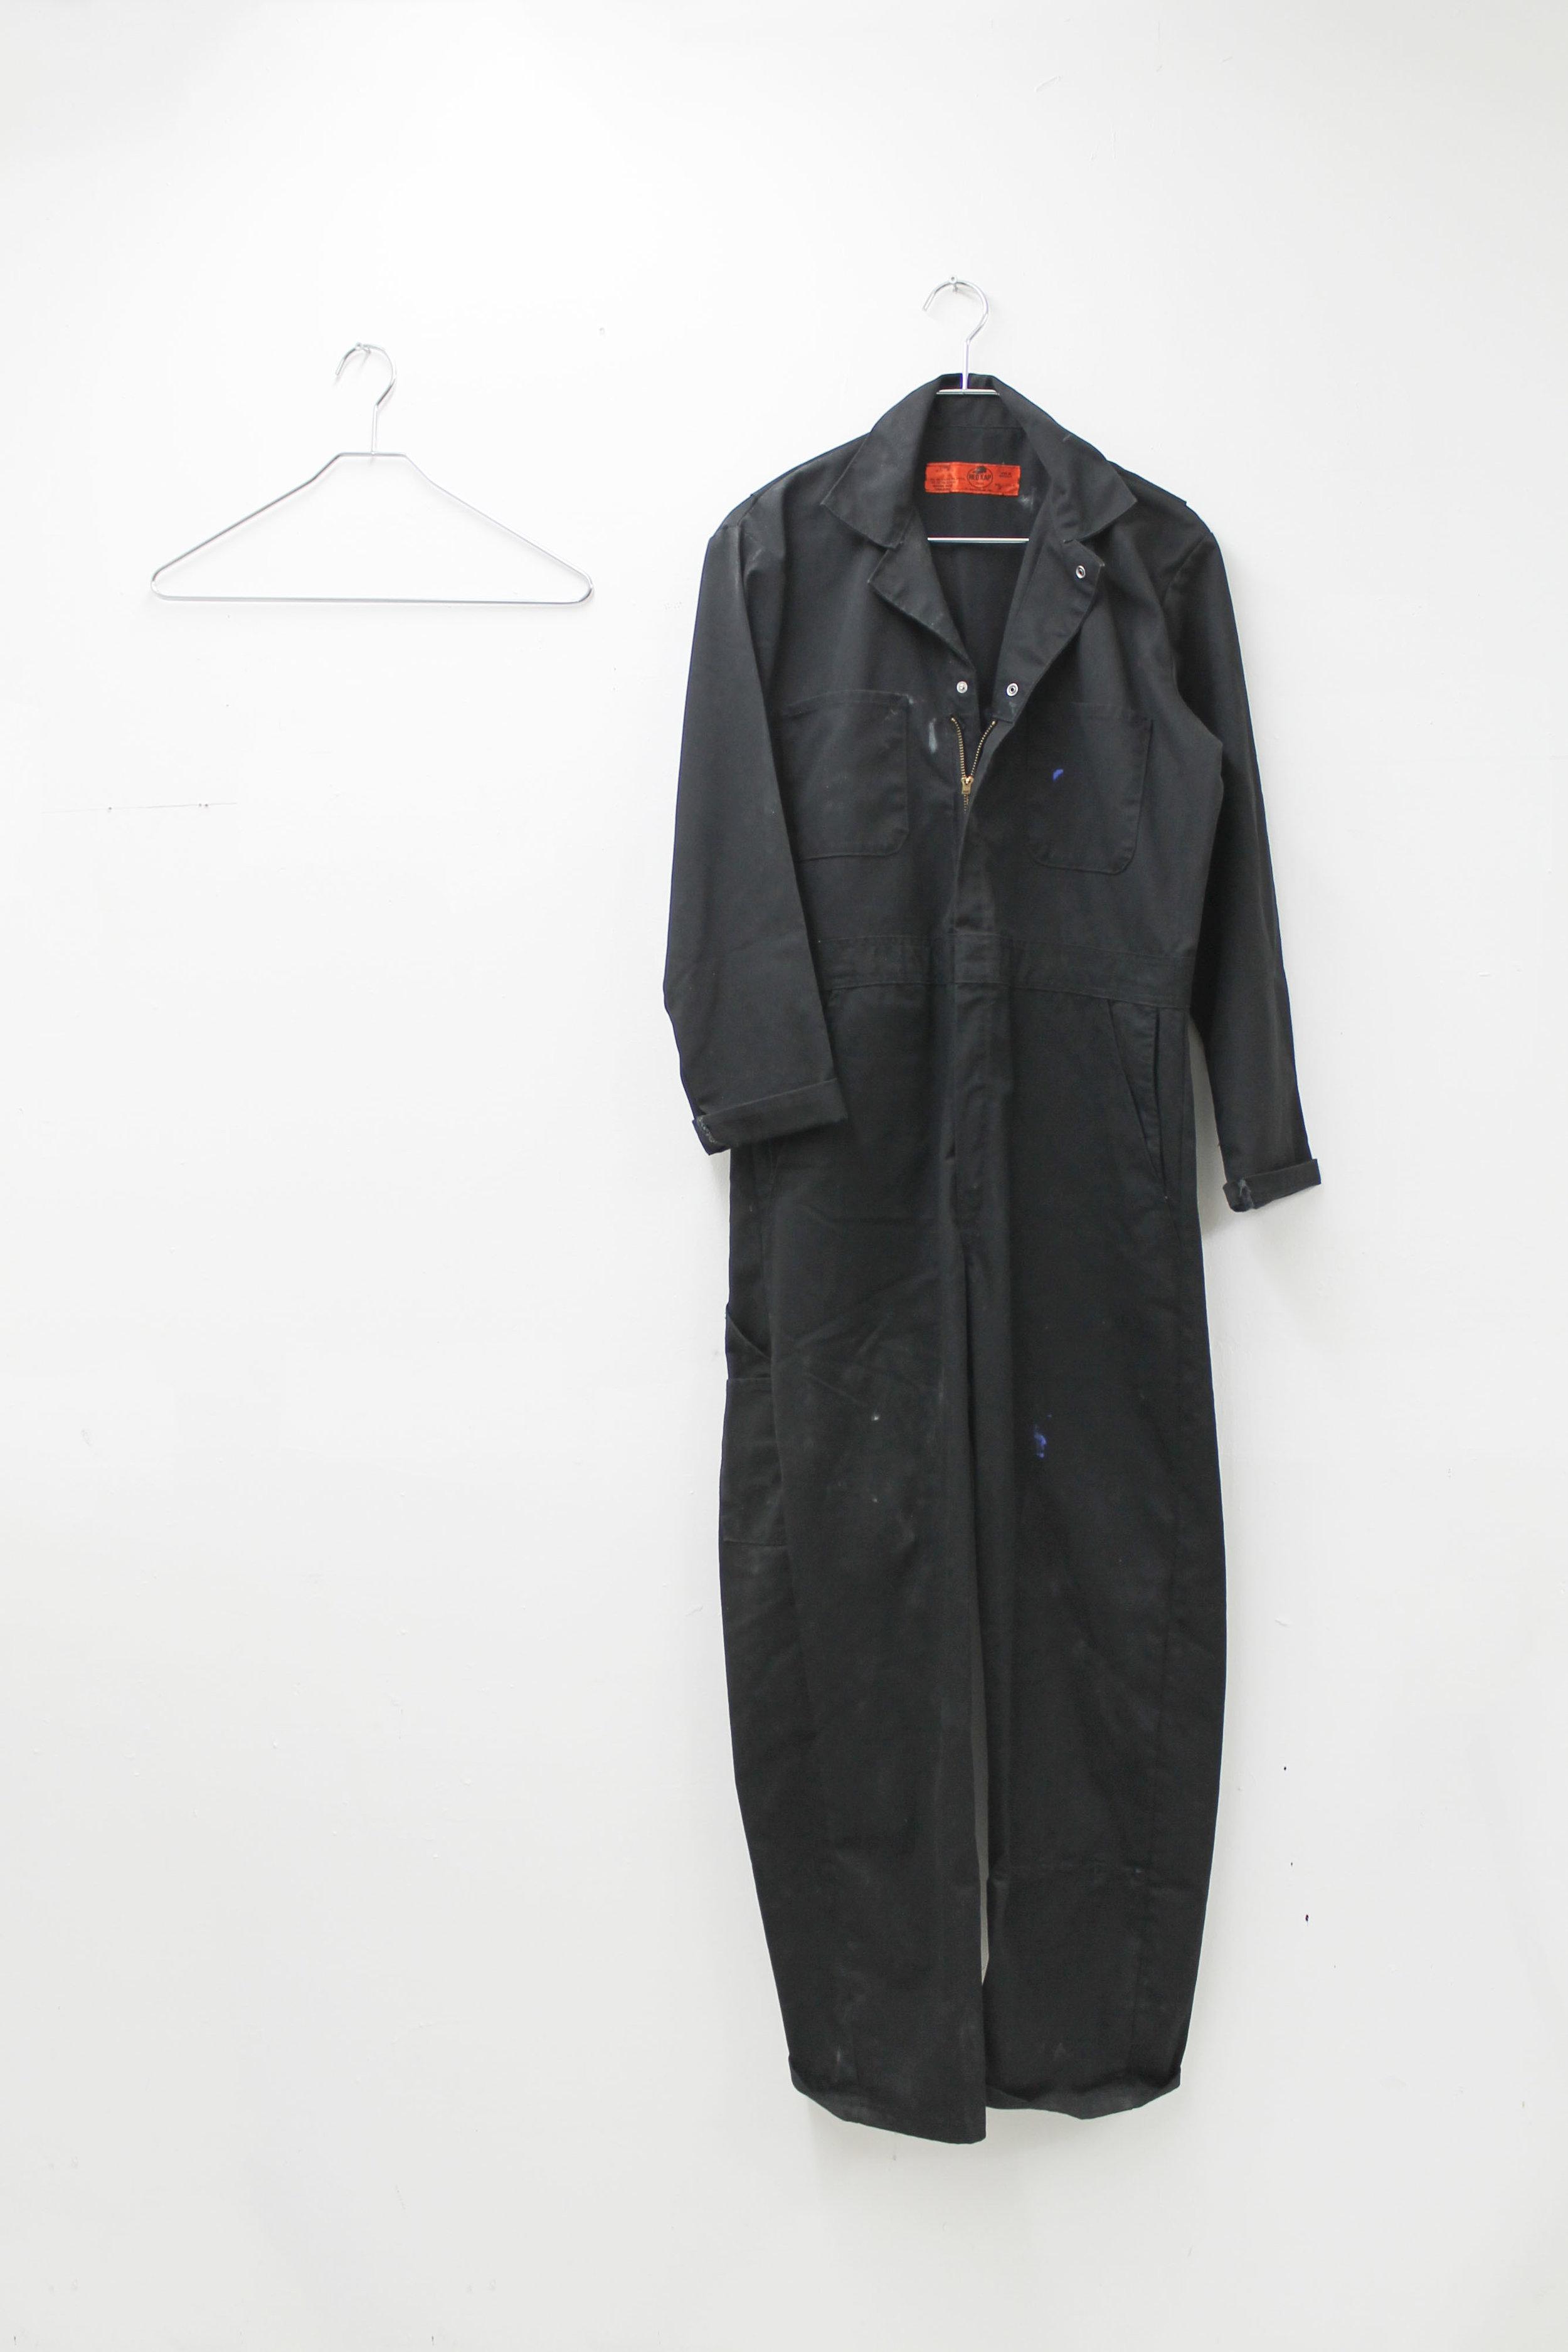 LGHQ Clothing_3.JPG